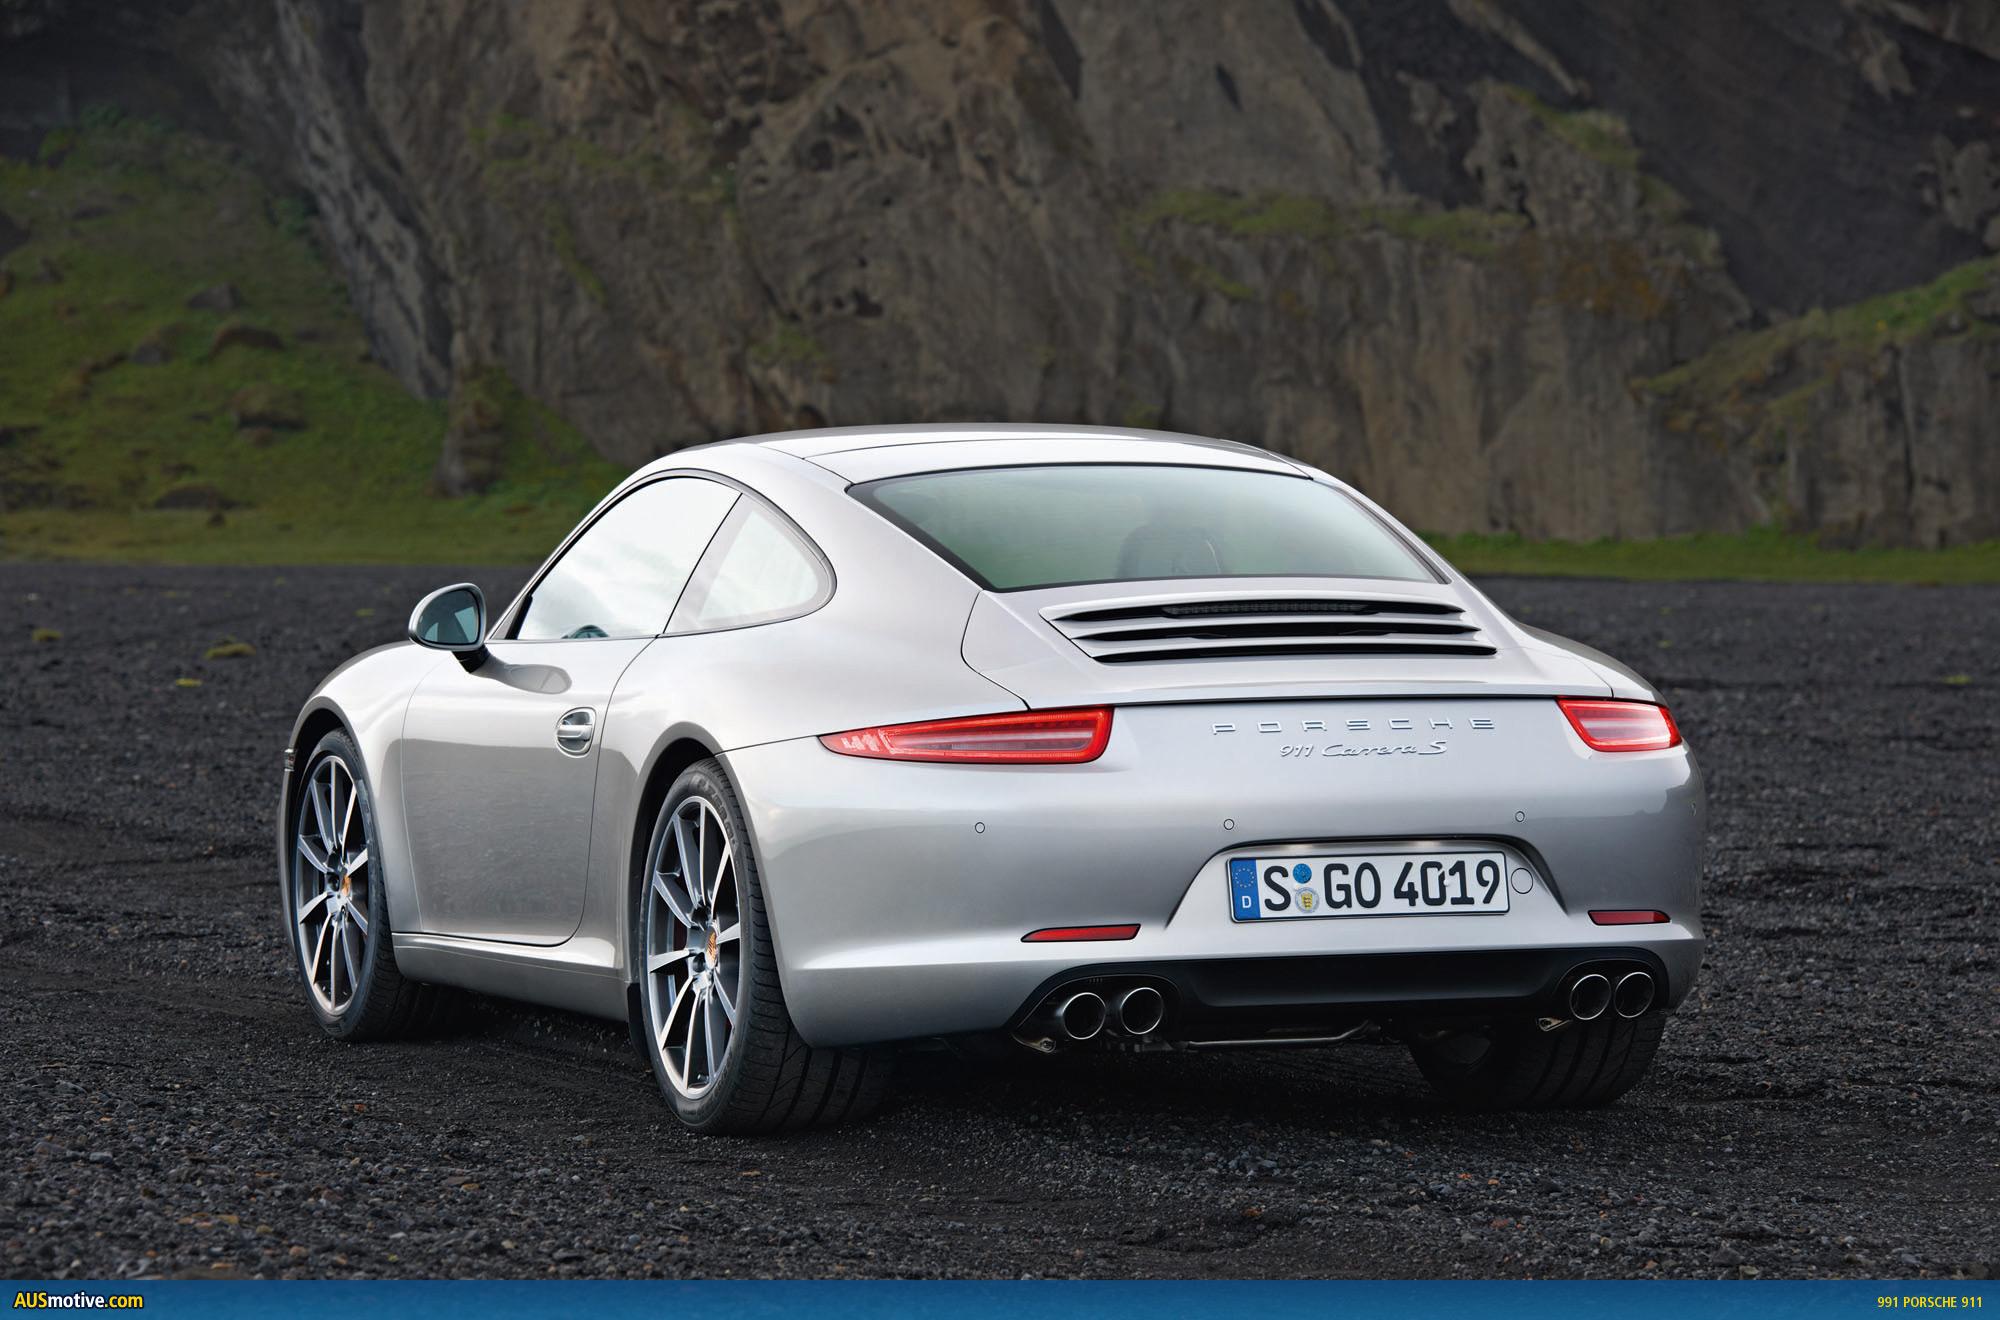 AUSmotive.com » 991 Porsche 911 Image Gallery